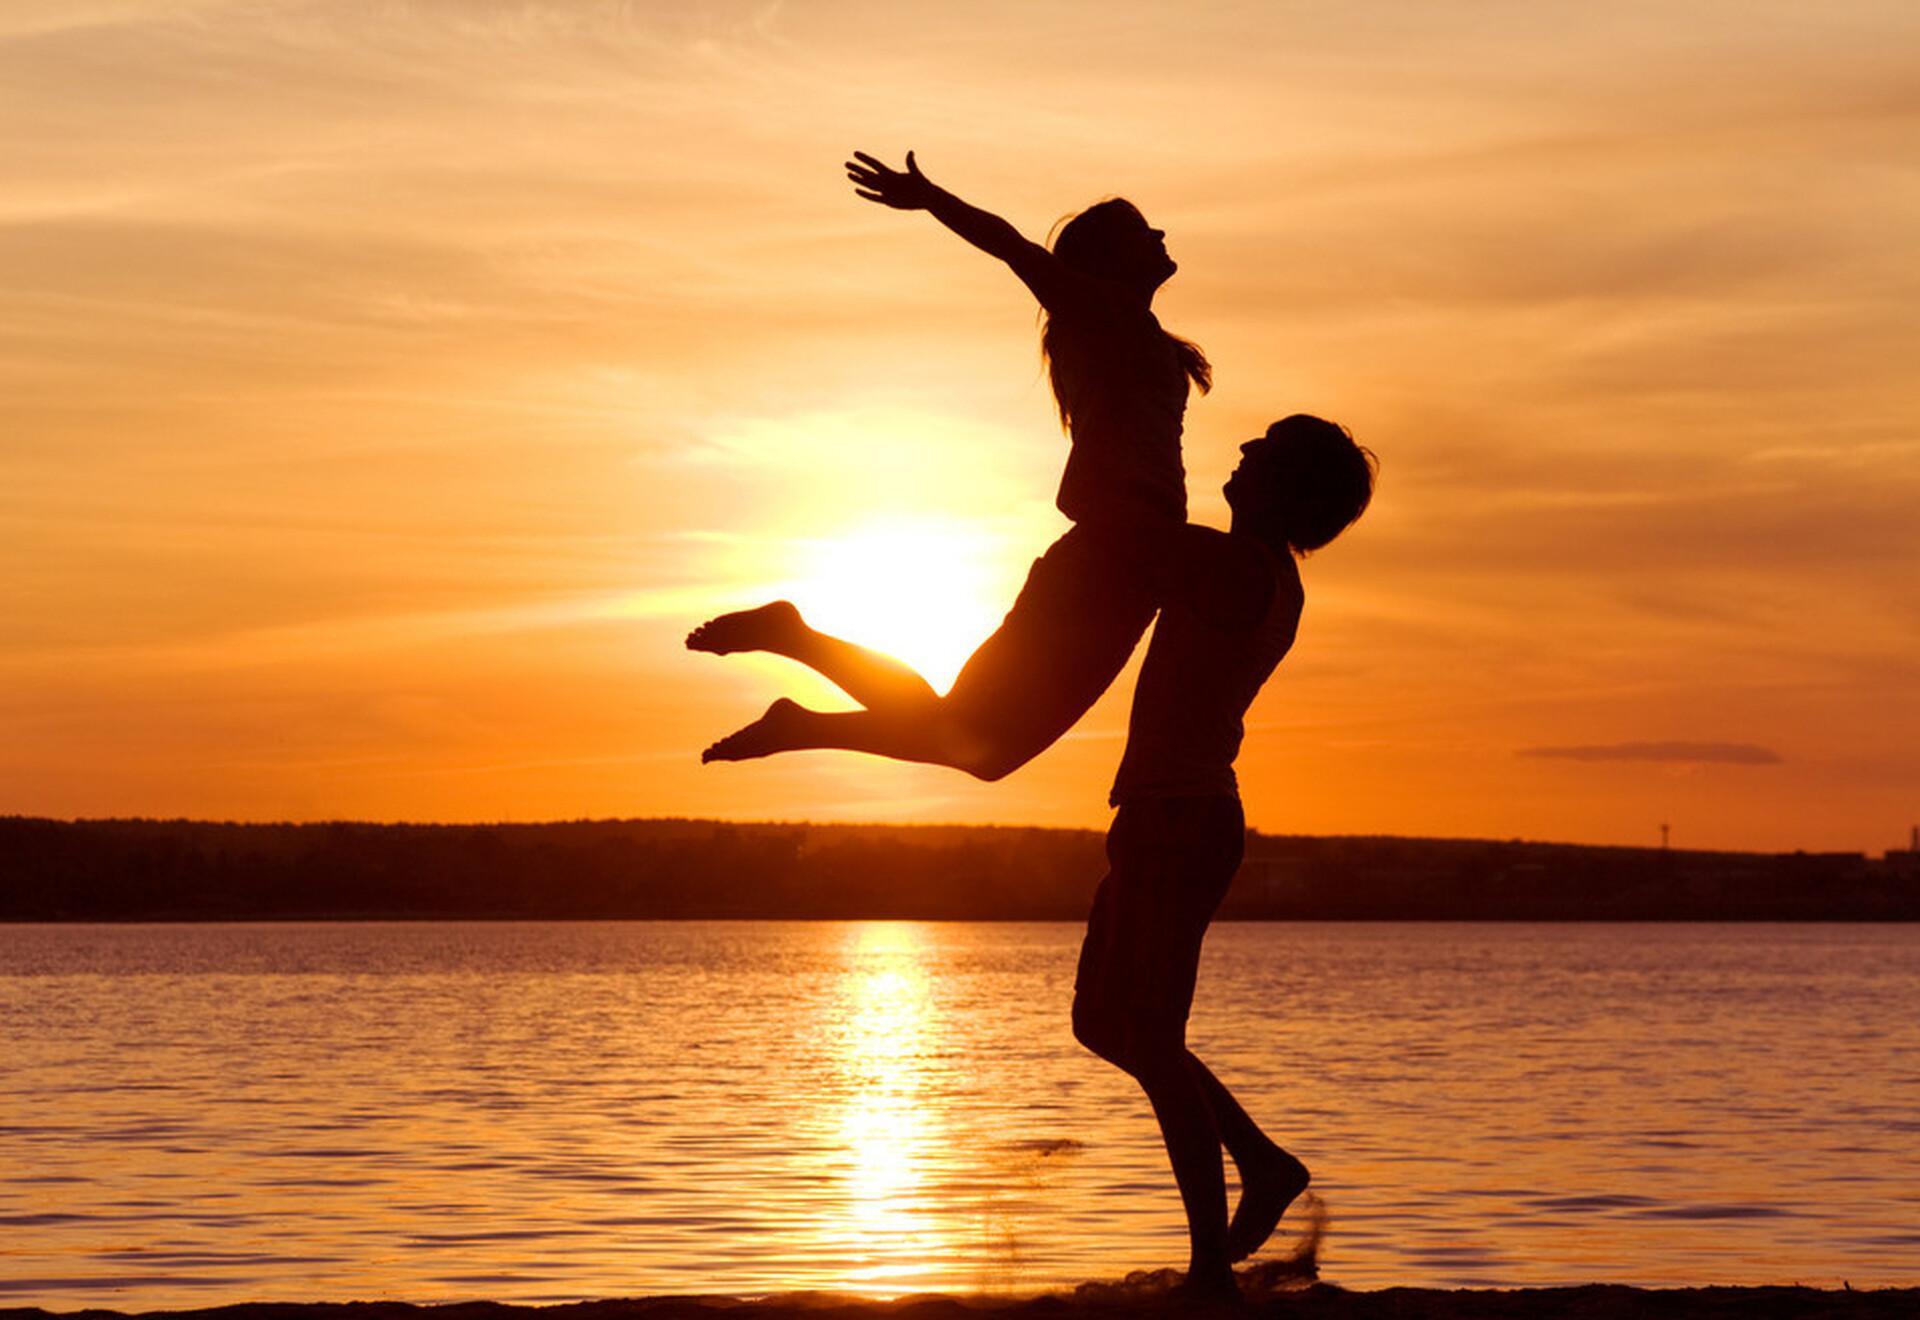 Картинки про любовь парень и девушка с надписью, днем